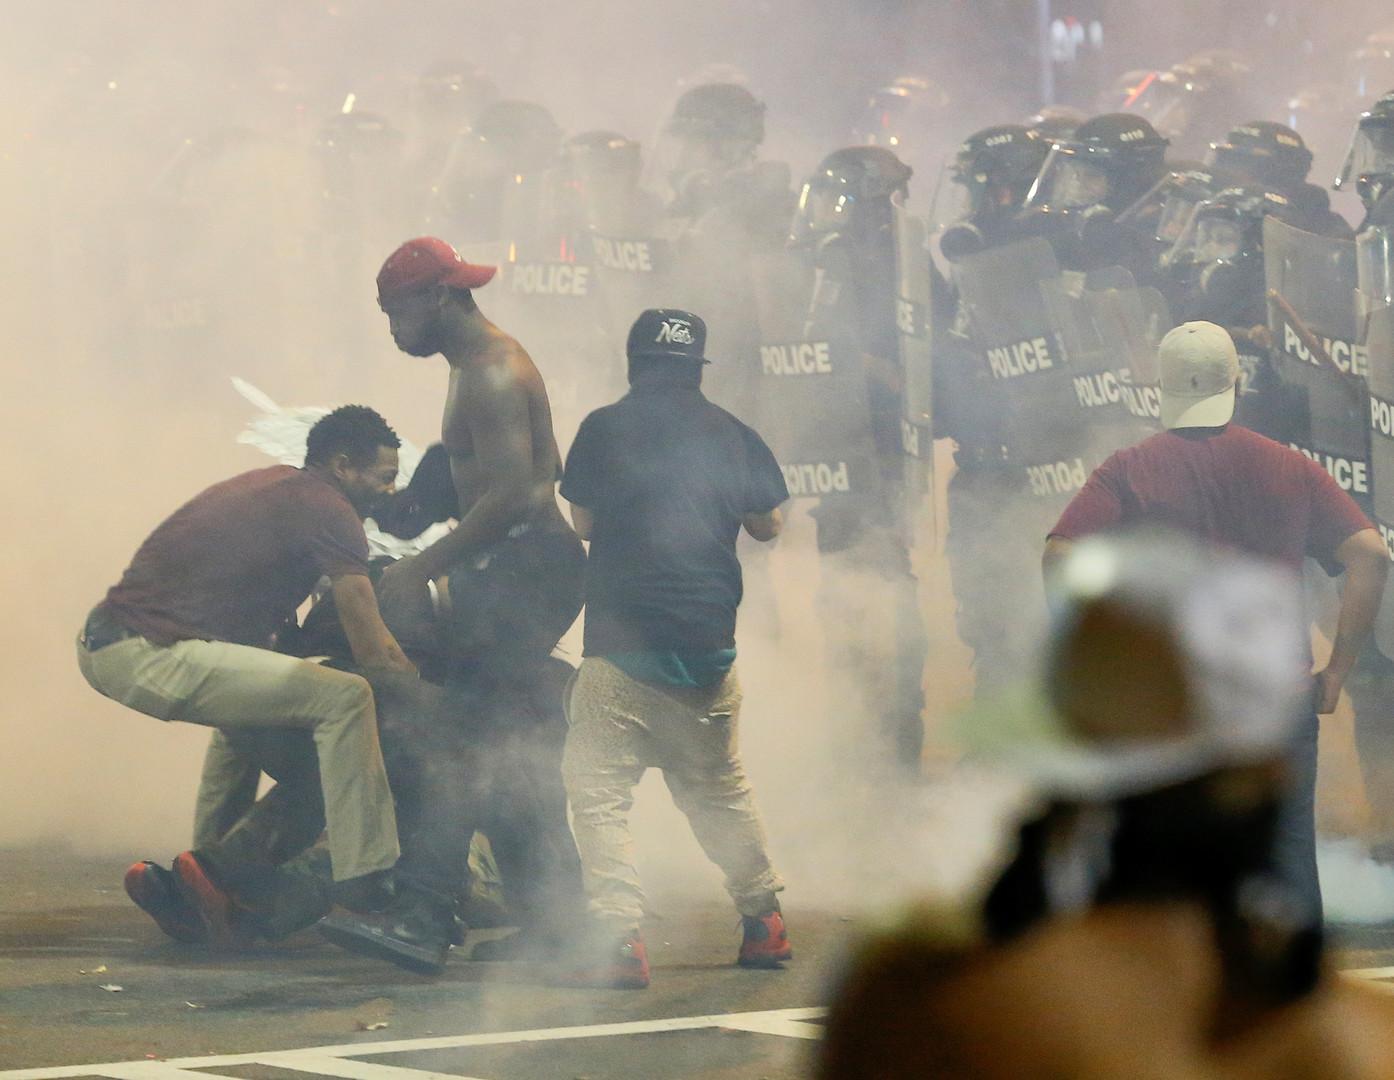 Полиция применила слезоточивый газ против участников протестов в городе Шарлотт американского штата Северная Каролина.